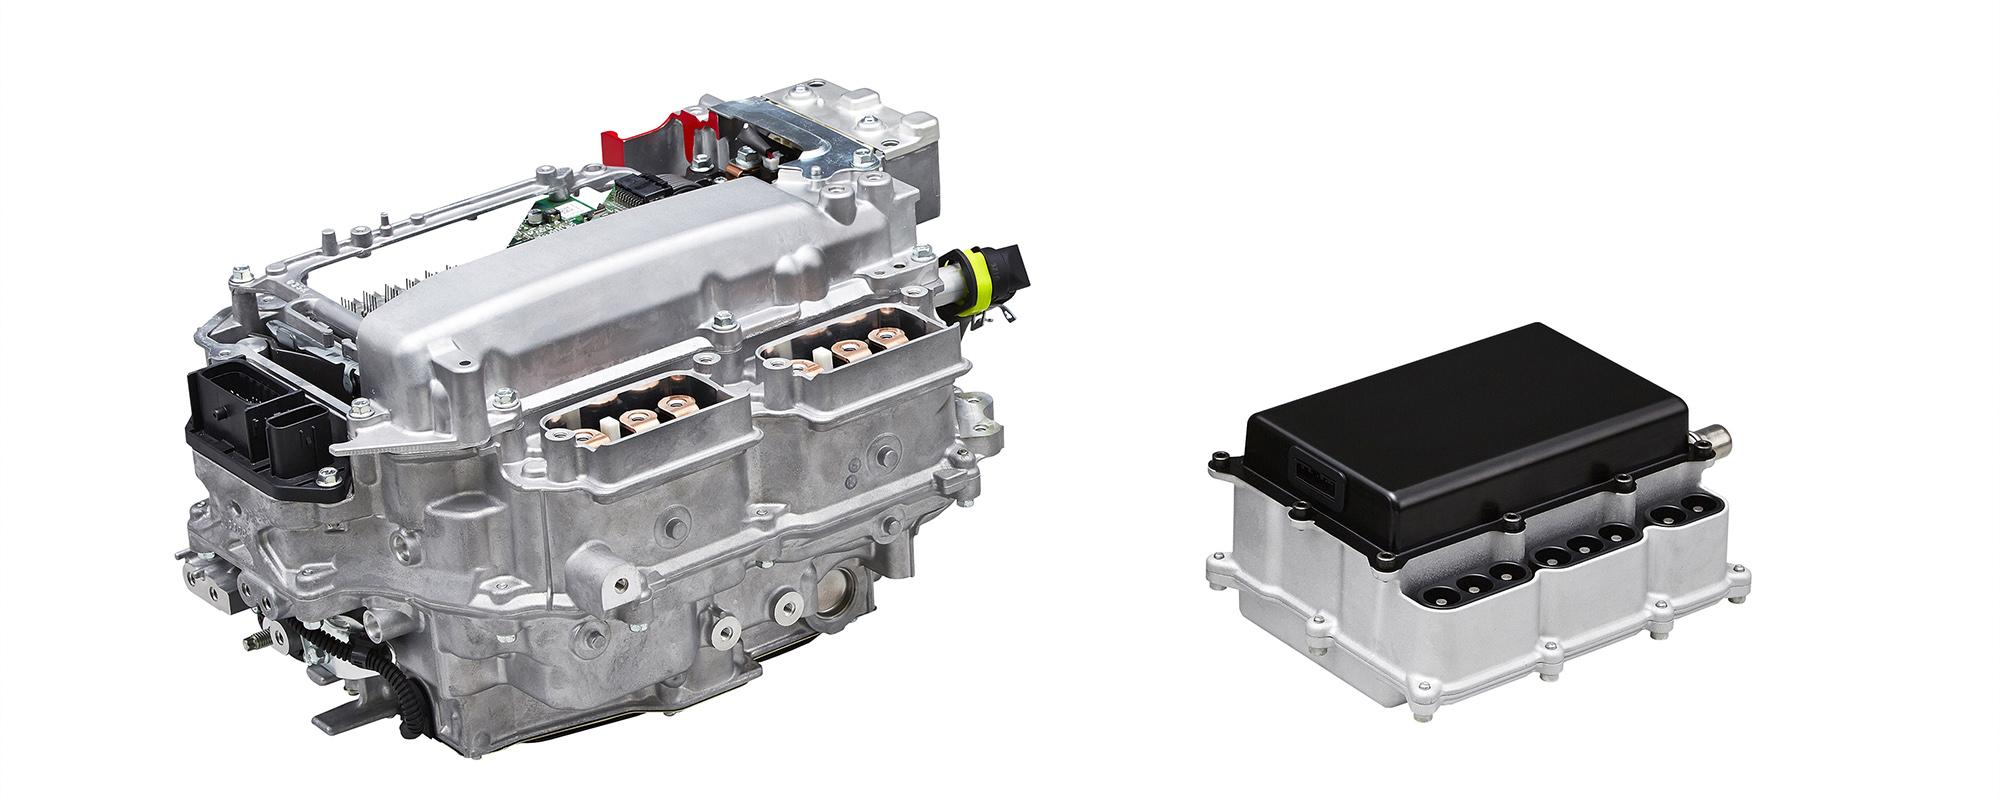 Toyota: nieuwe halfgeleider voor nóg lager brandstofverbruik